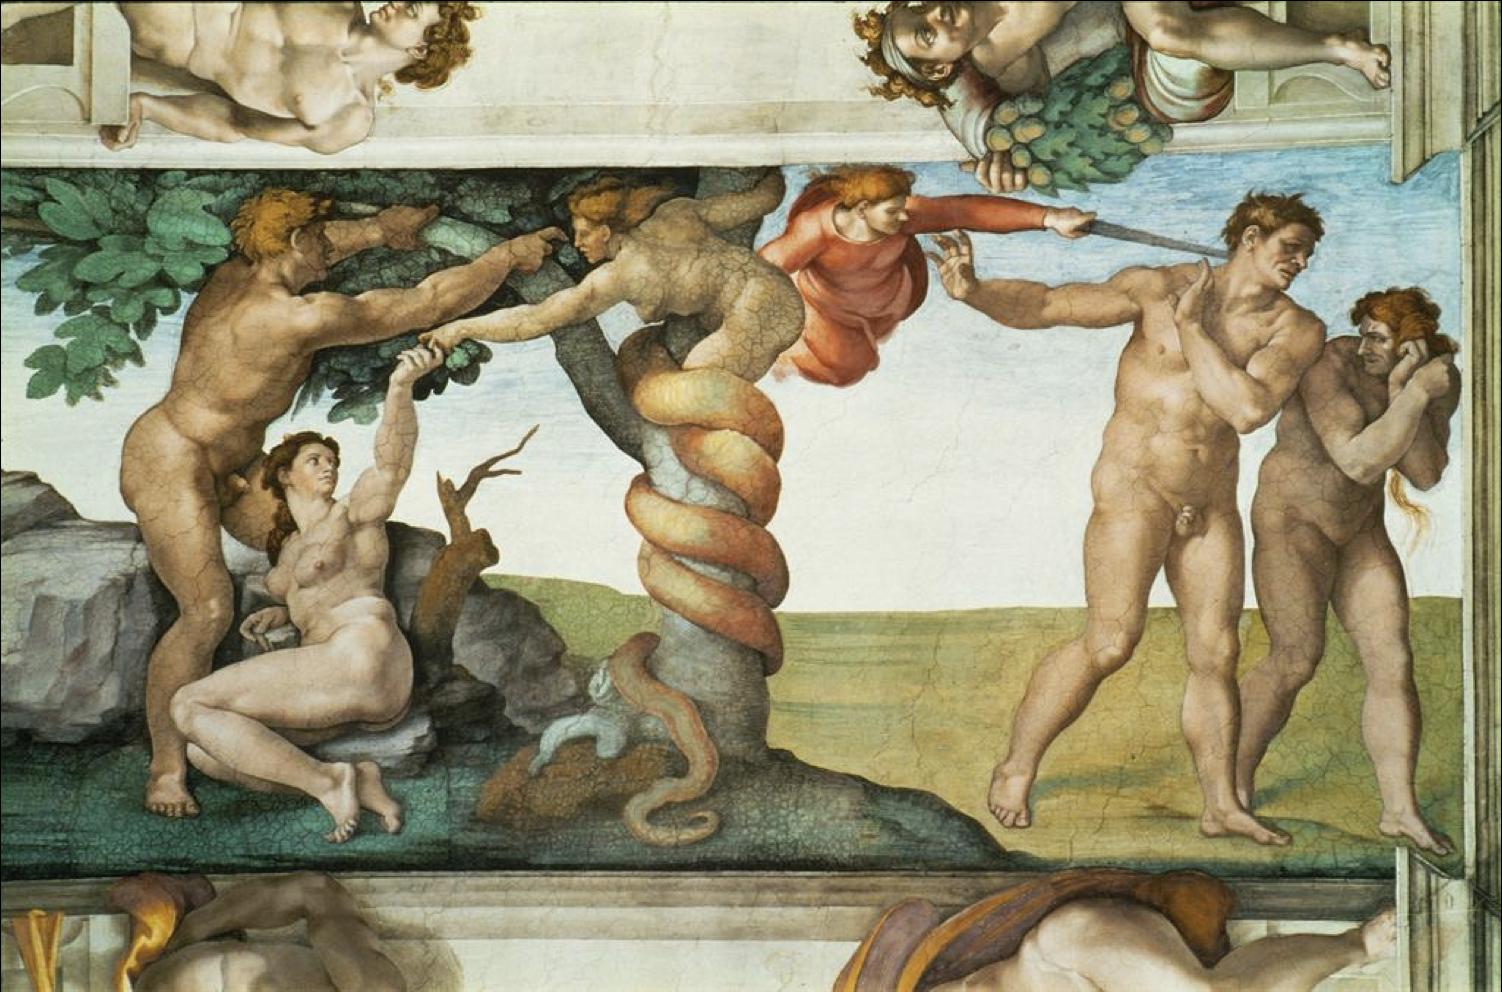 Scene from Michelangelo's Sistine Chapel